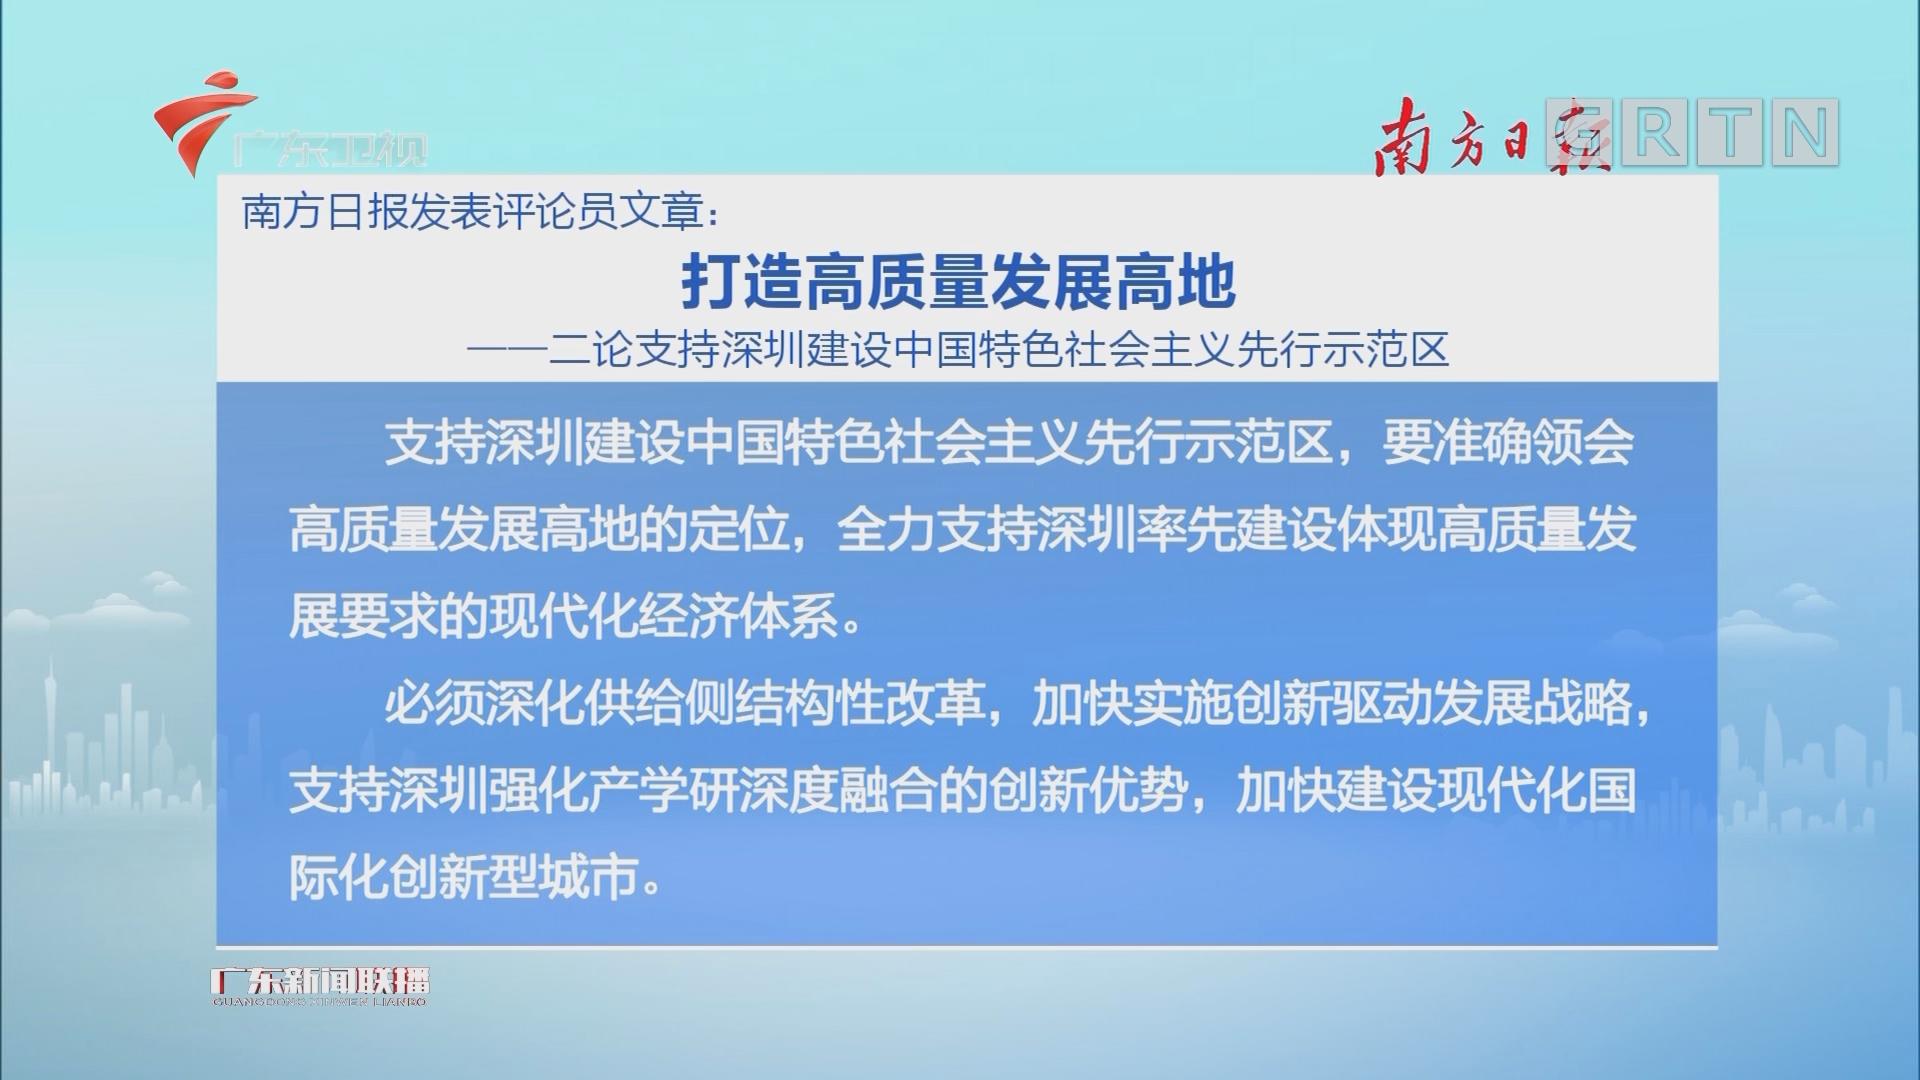 南方日报发表评论员文章:打造高质量发展高地——二论支持深圳建设中国特色社会主义先行示范区